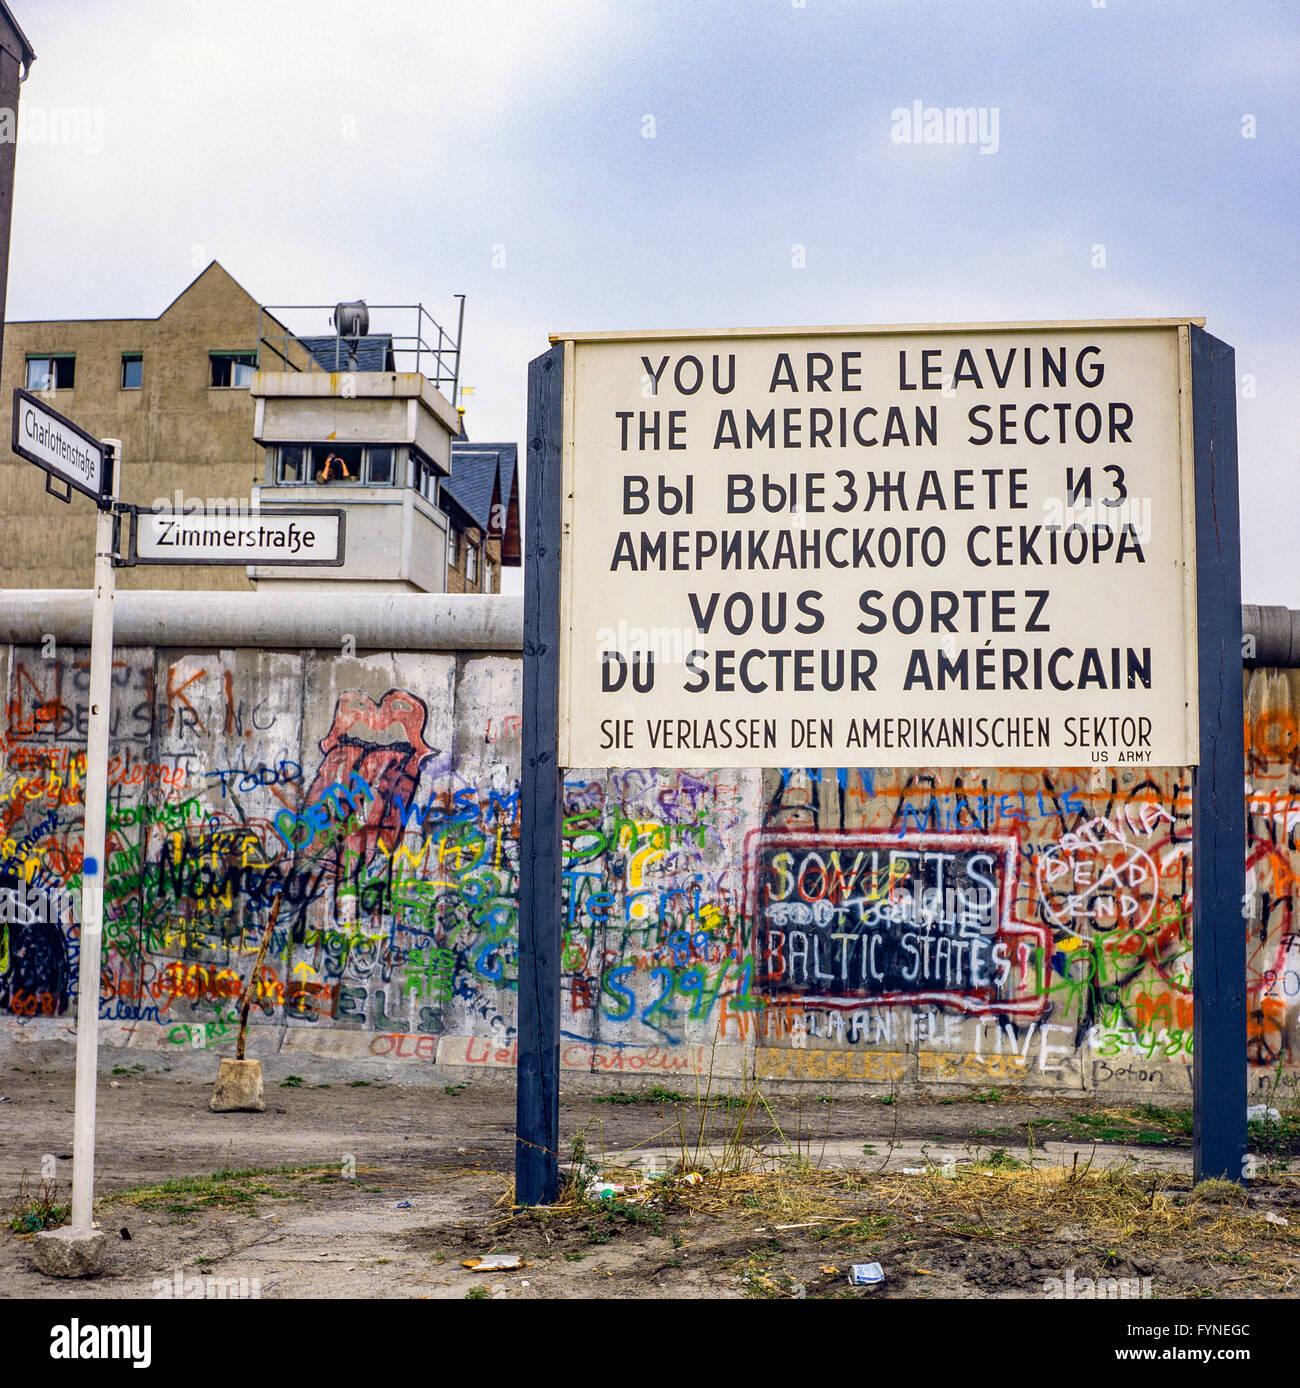 Agosto de 1986, dejando el sector americano señal de advertencia, el muro de Berlín, Berlín oriental Imagen De Stock